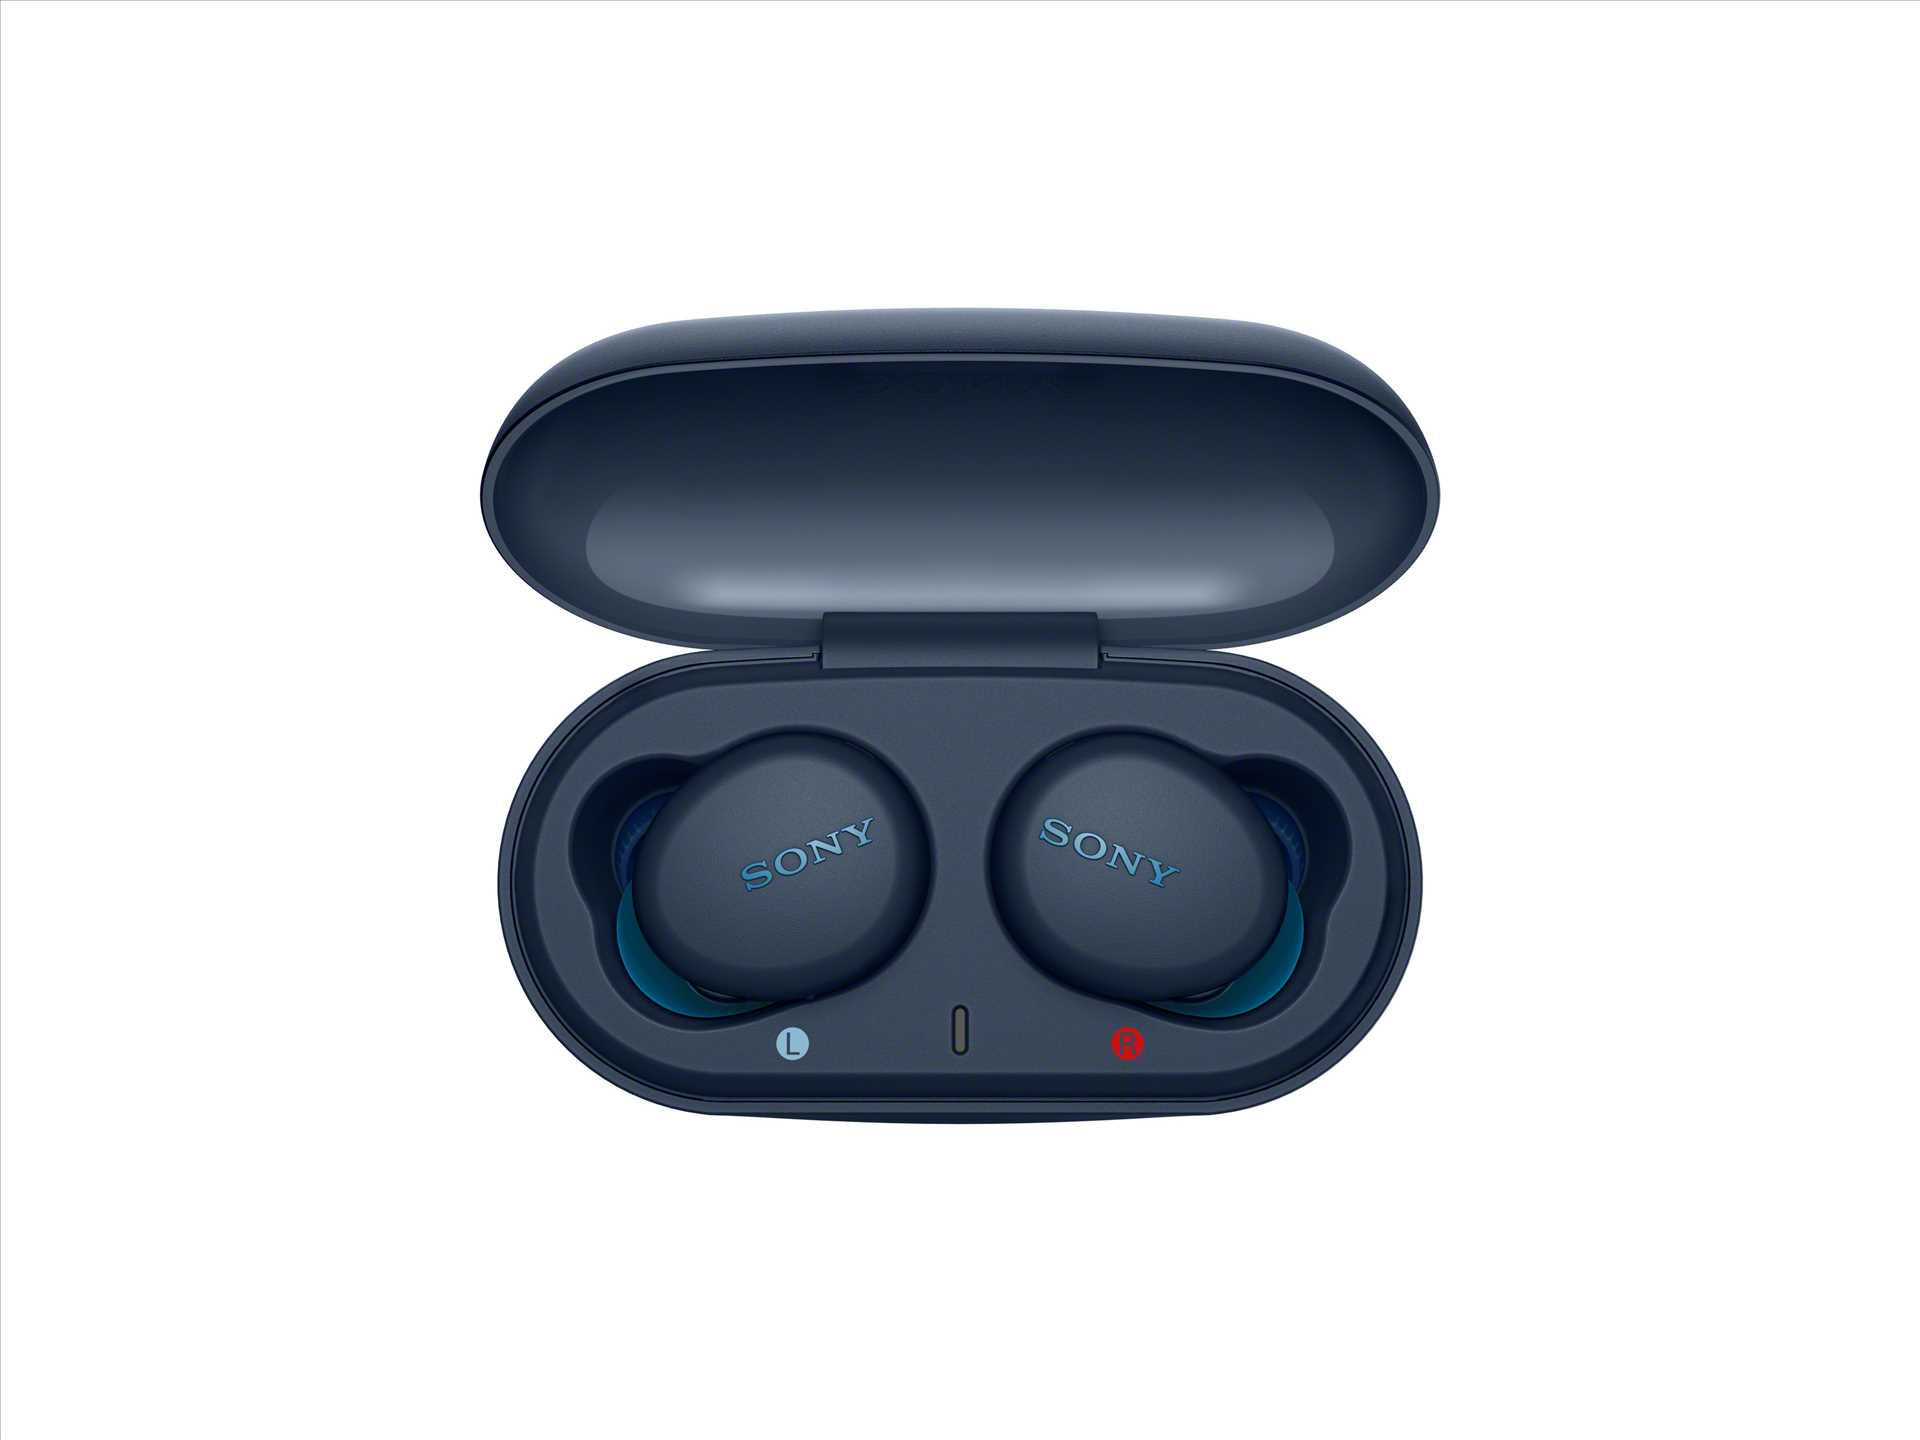 אוזניות Sony WF-XB700L True Wireless סוני כחולות - תמונה 4